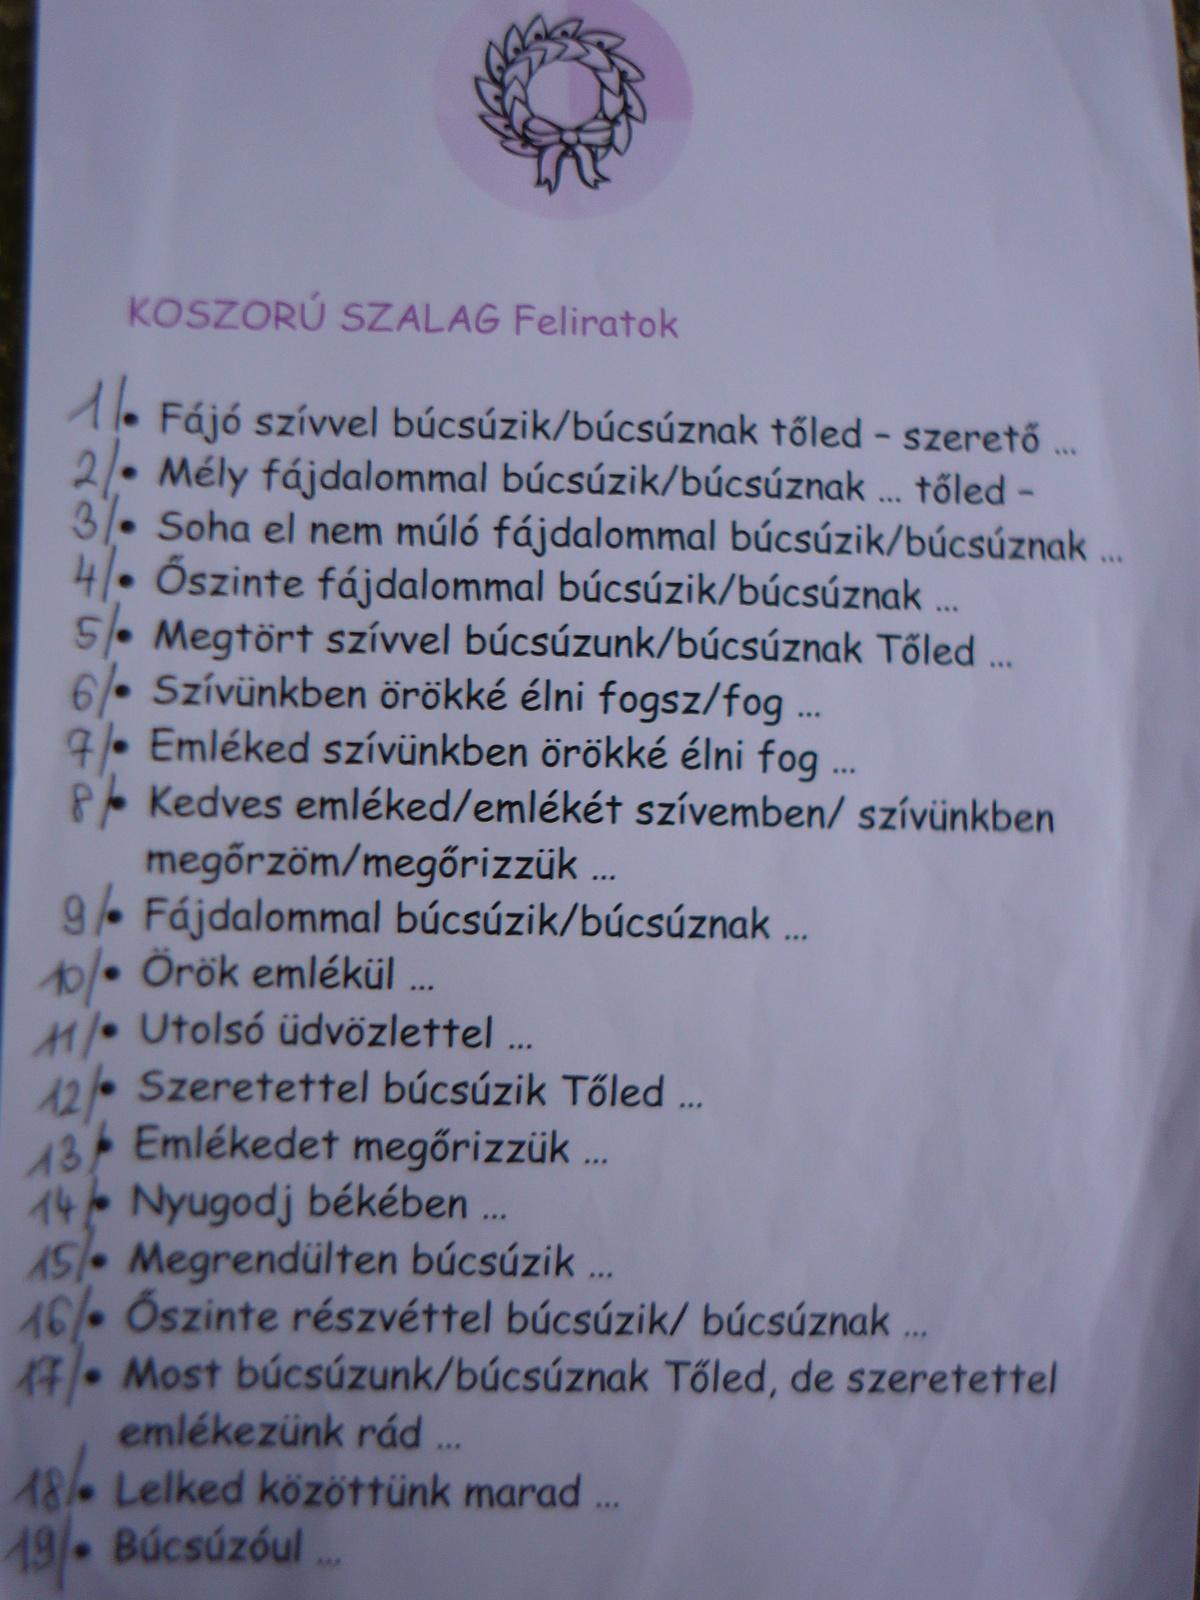 Sírcsokor, Koszorú szalag -FELIRATOK I.-